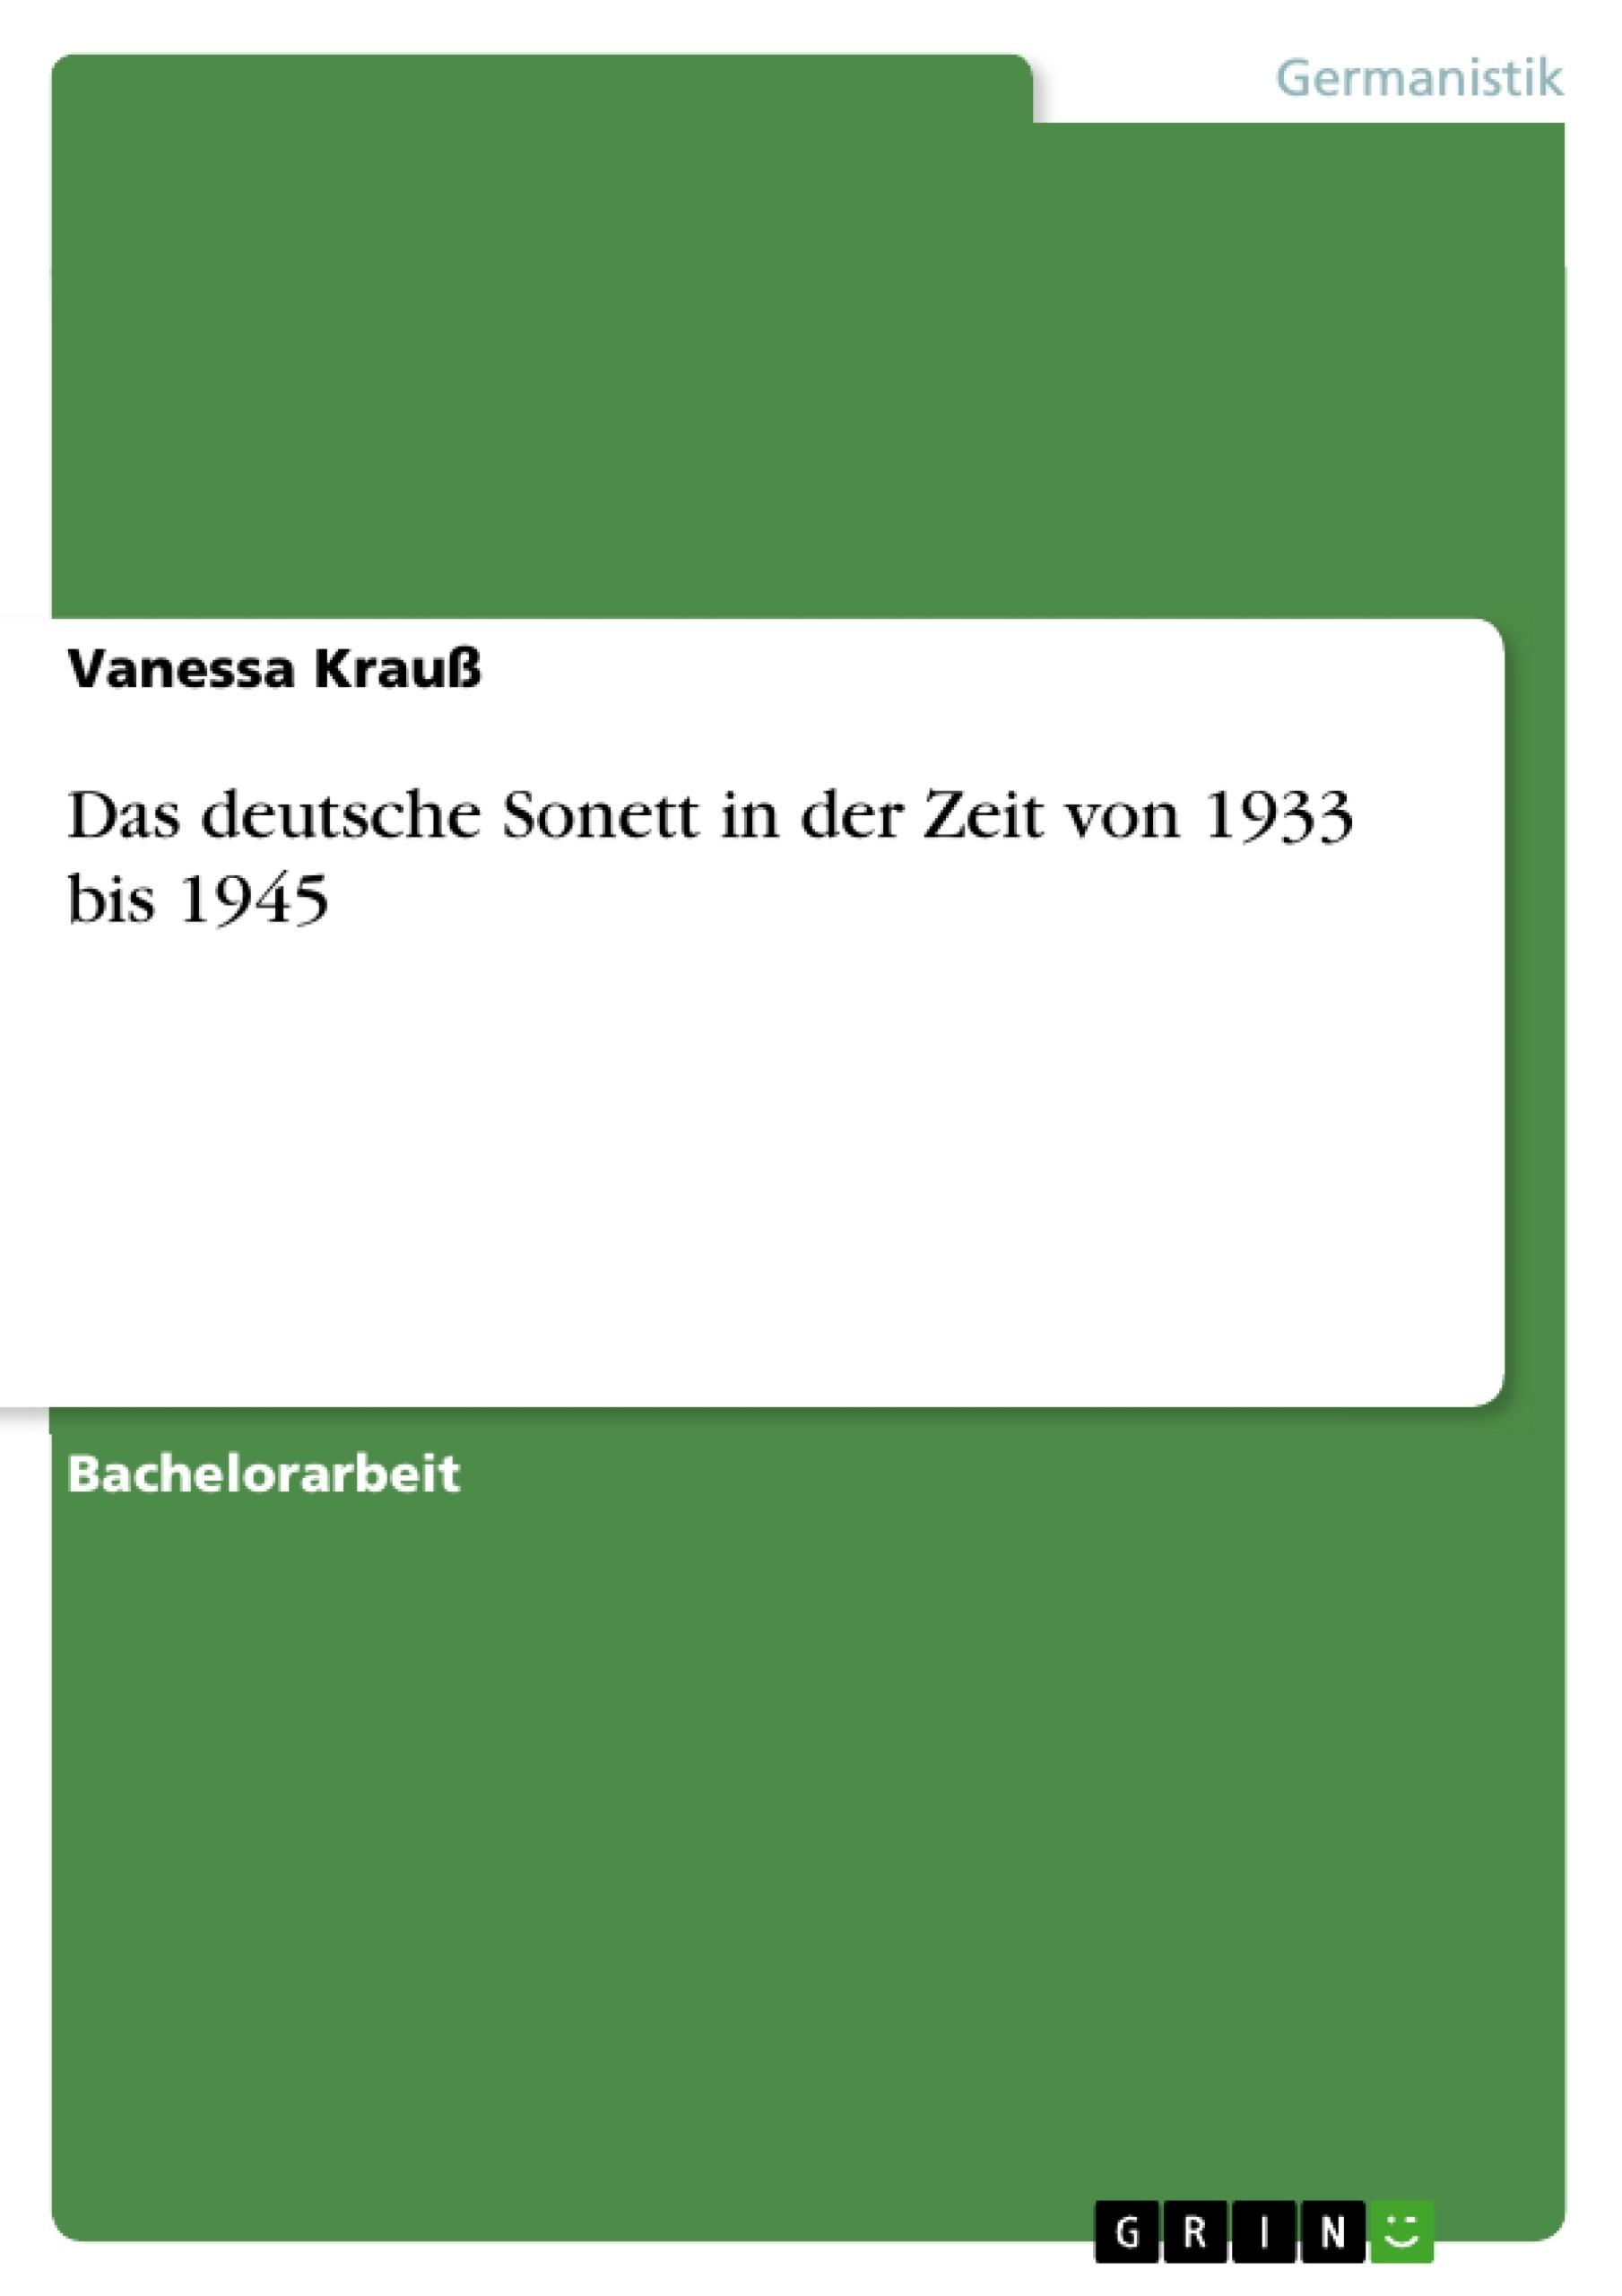 Titel: Das deutsche Sonett in der Zeit von 1933 bis 1945